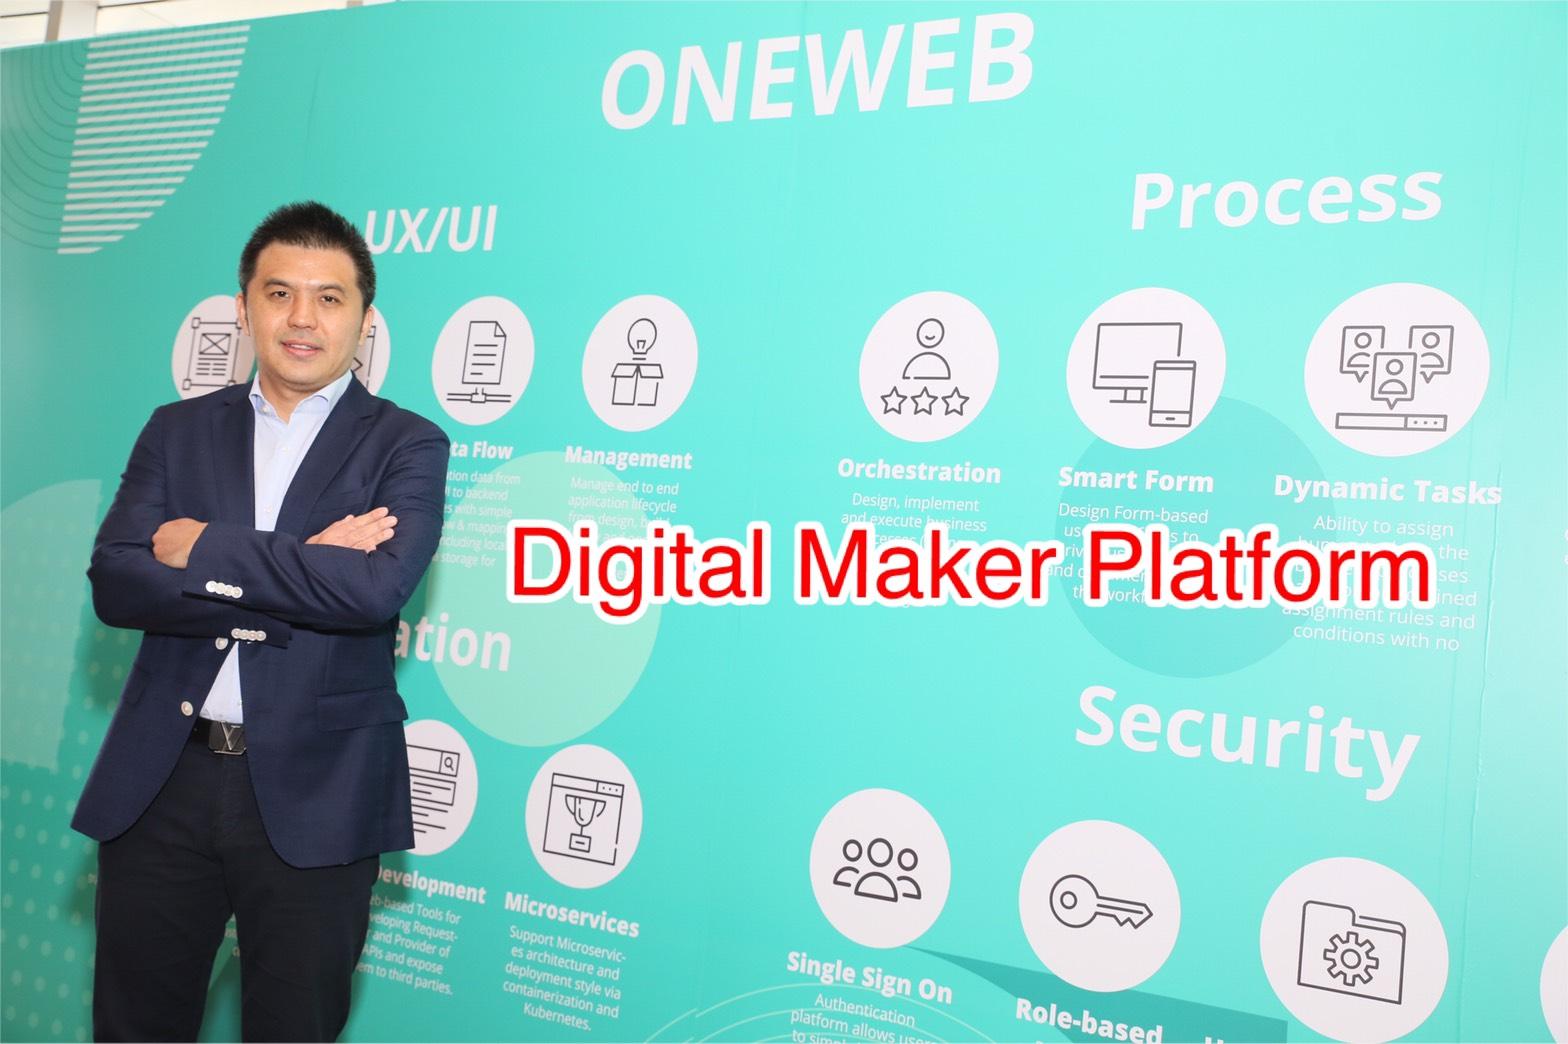 'อัฟวาแลนท์' เผยโฉม 'Digital Maker Platform' บนคลาวด์ครั้งแรกในอาเซียน